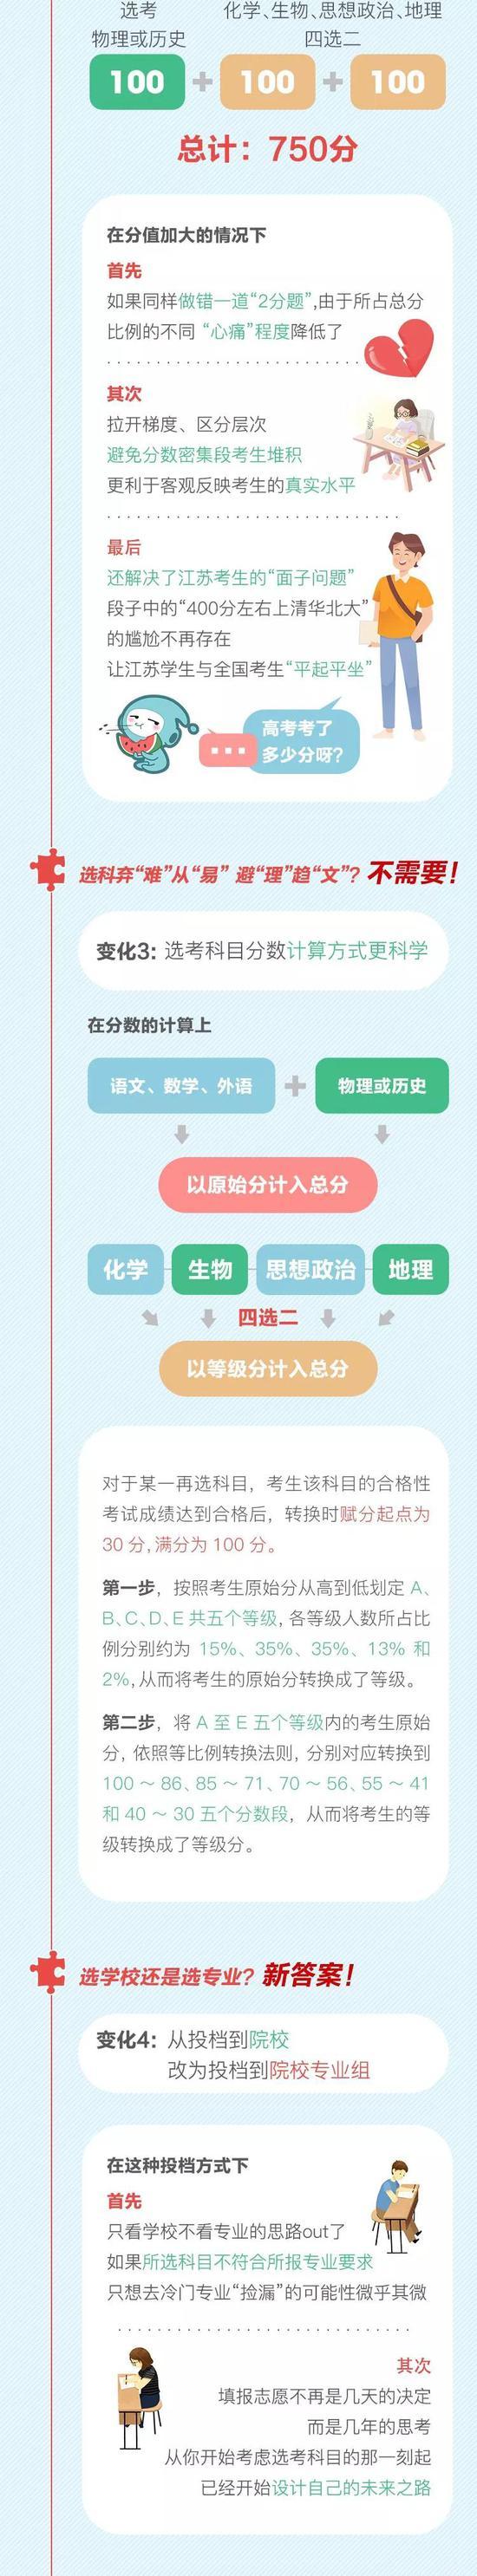 图片来源:江苏新闻(微信号:jstvjsxw)